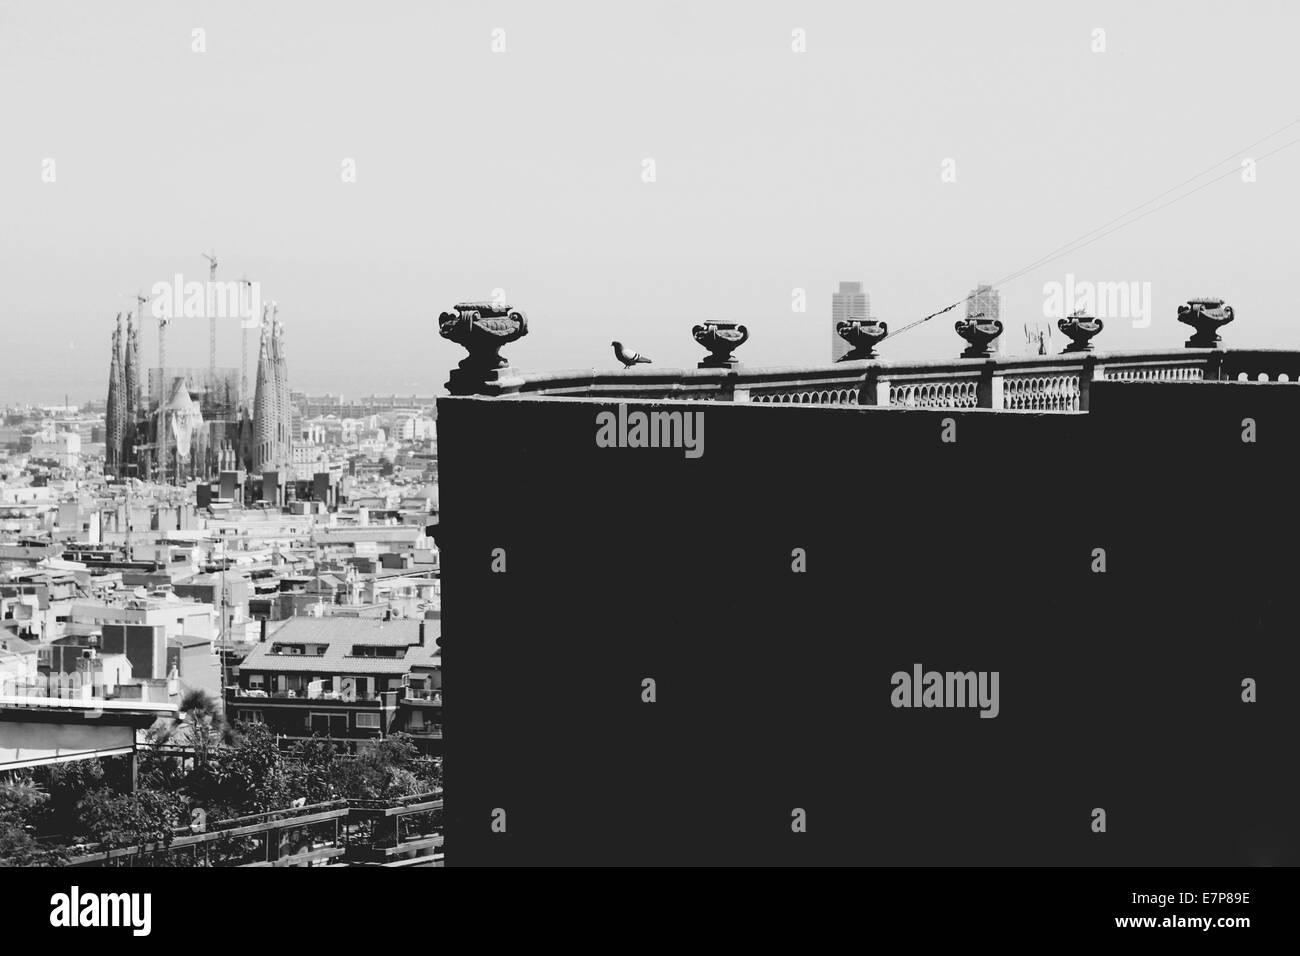 Barcelona - Stock Image